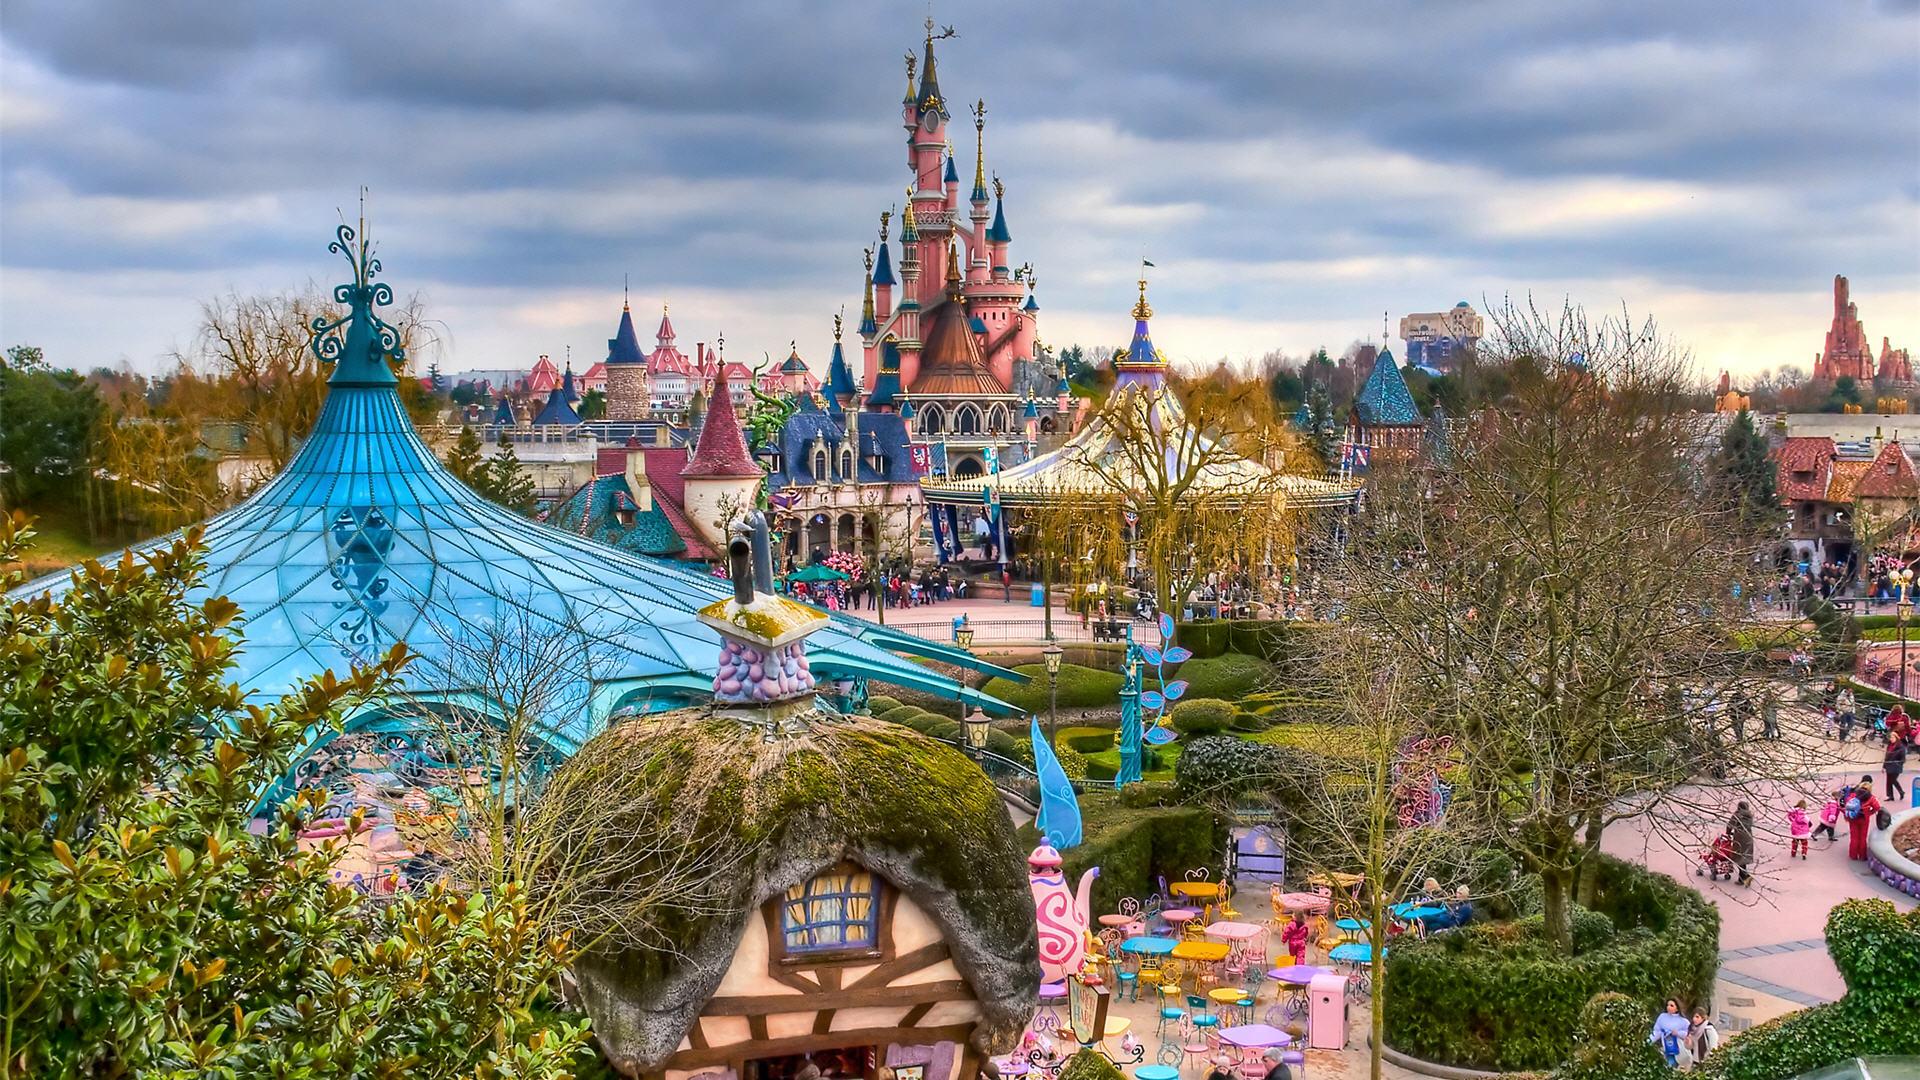 Download Disneyland HD Wallpapers 1920x1080